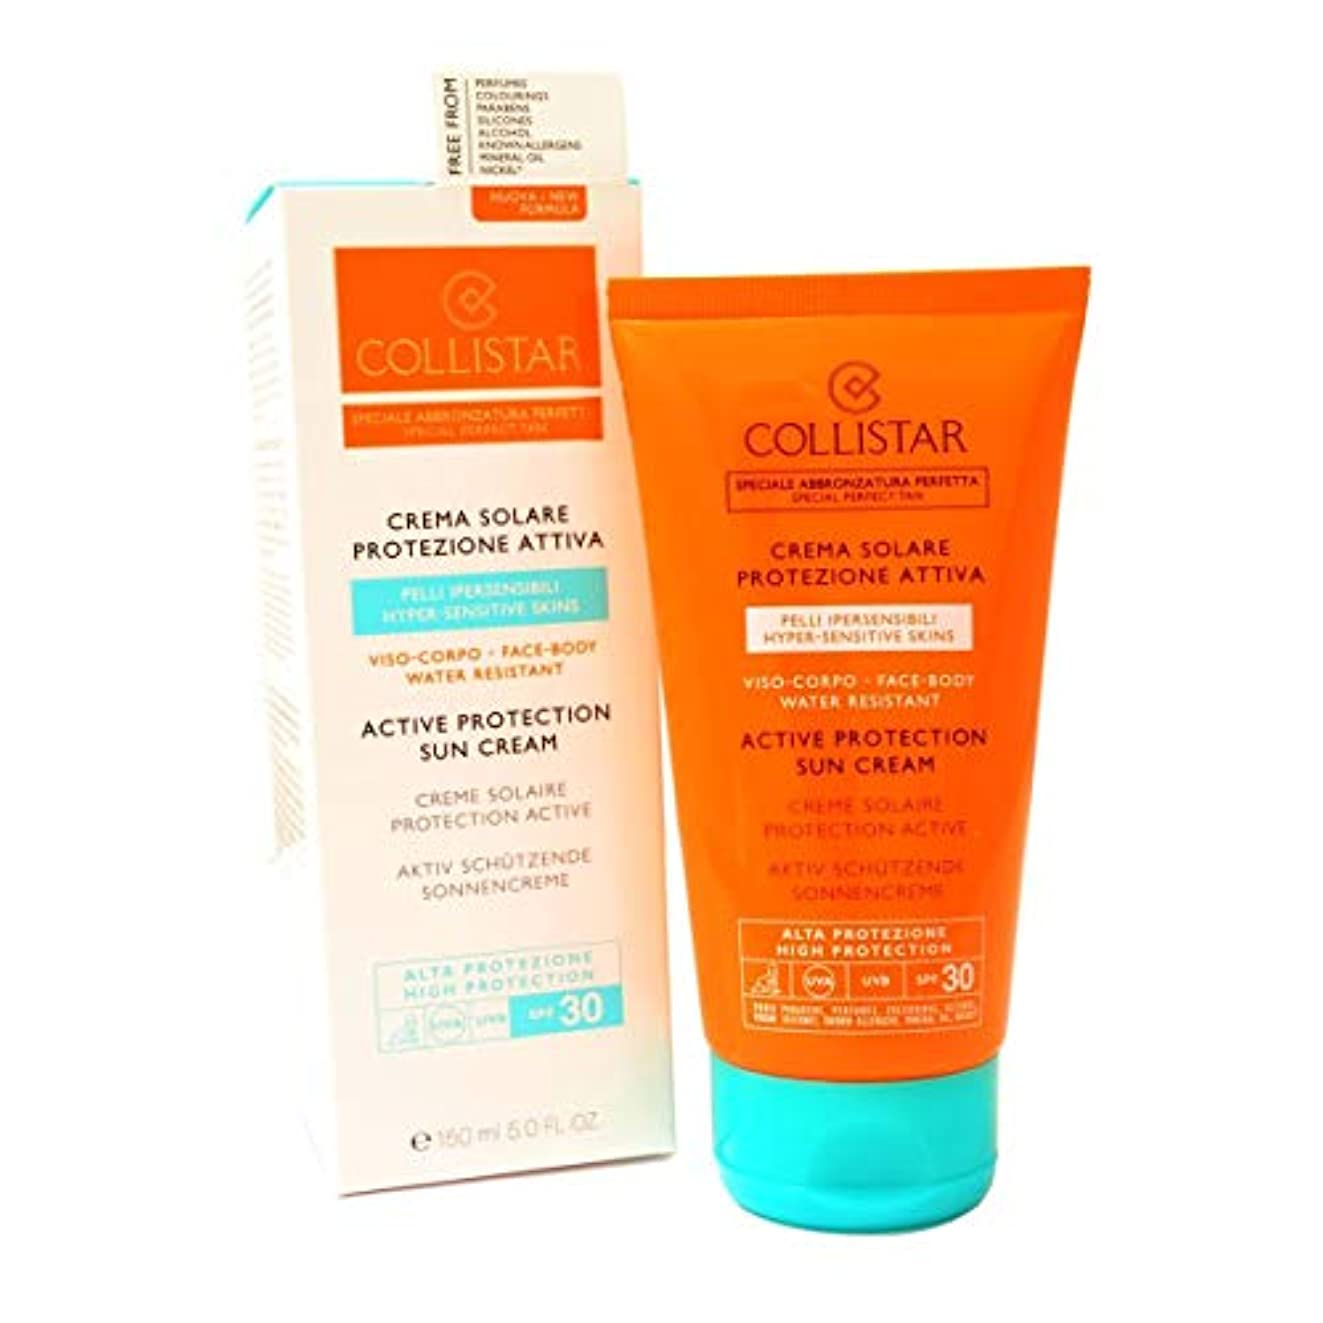 ロースト葉っぱ法医学Collistar Active Protection Sun Cream Spf30 Face And Body 150ml [並行輸入品]